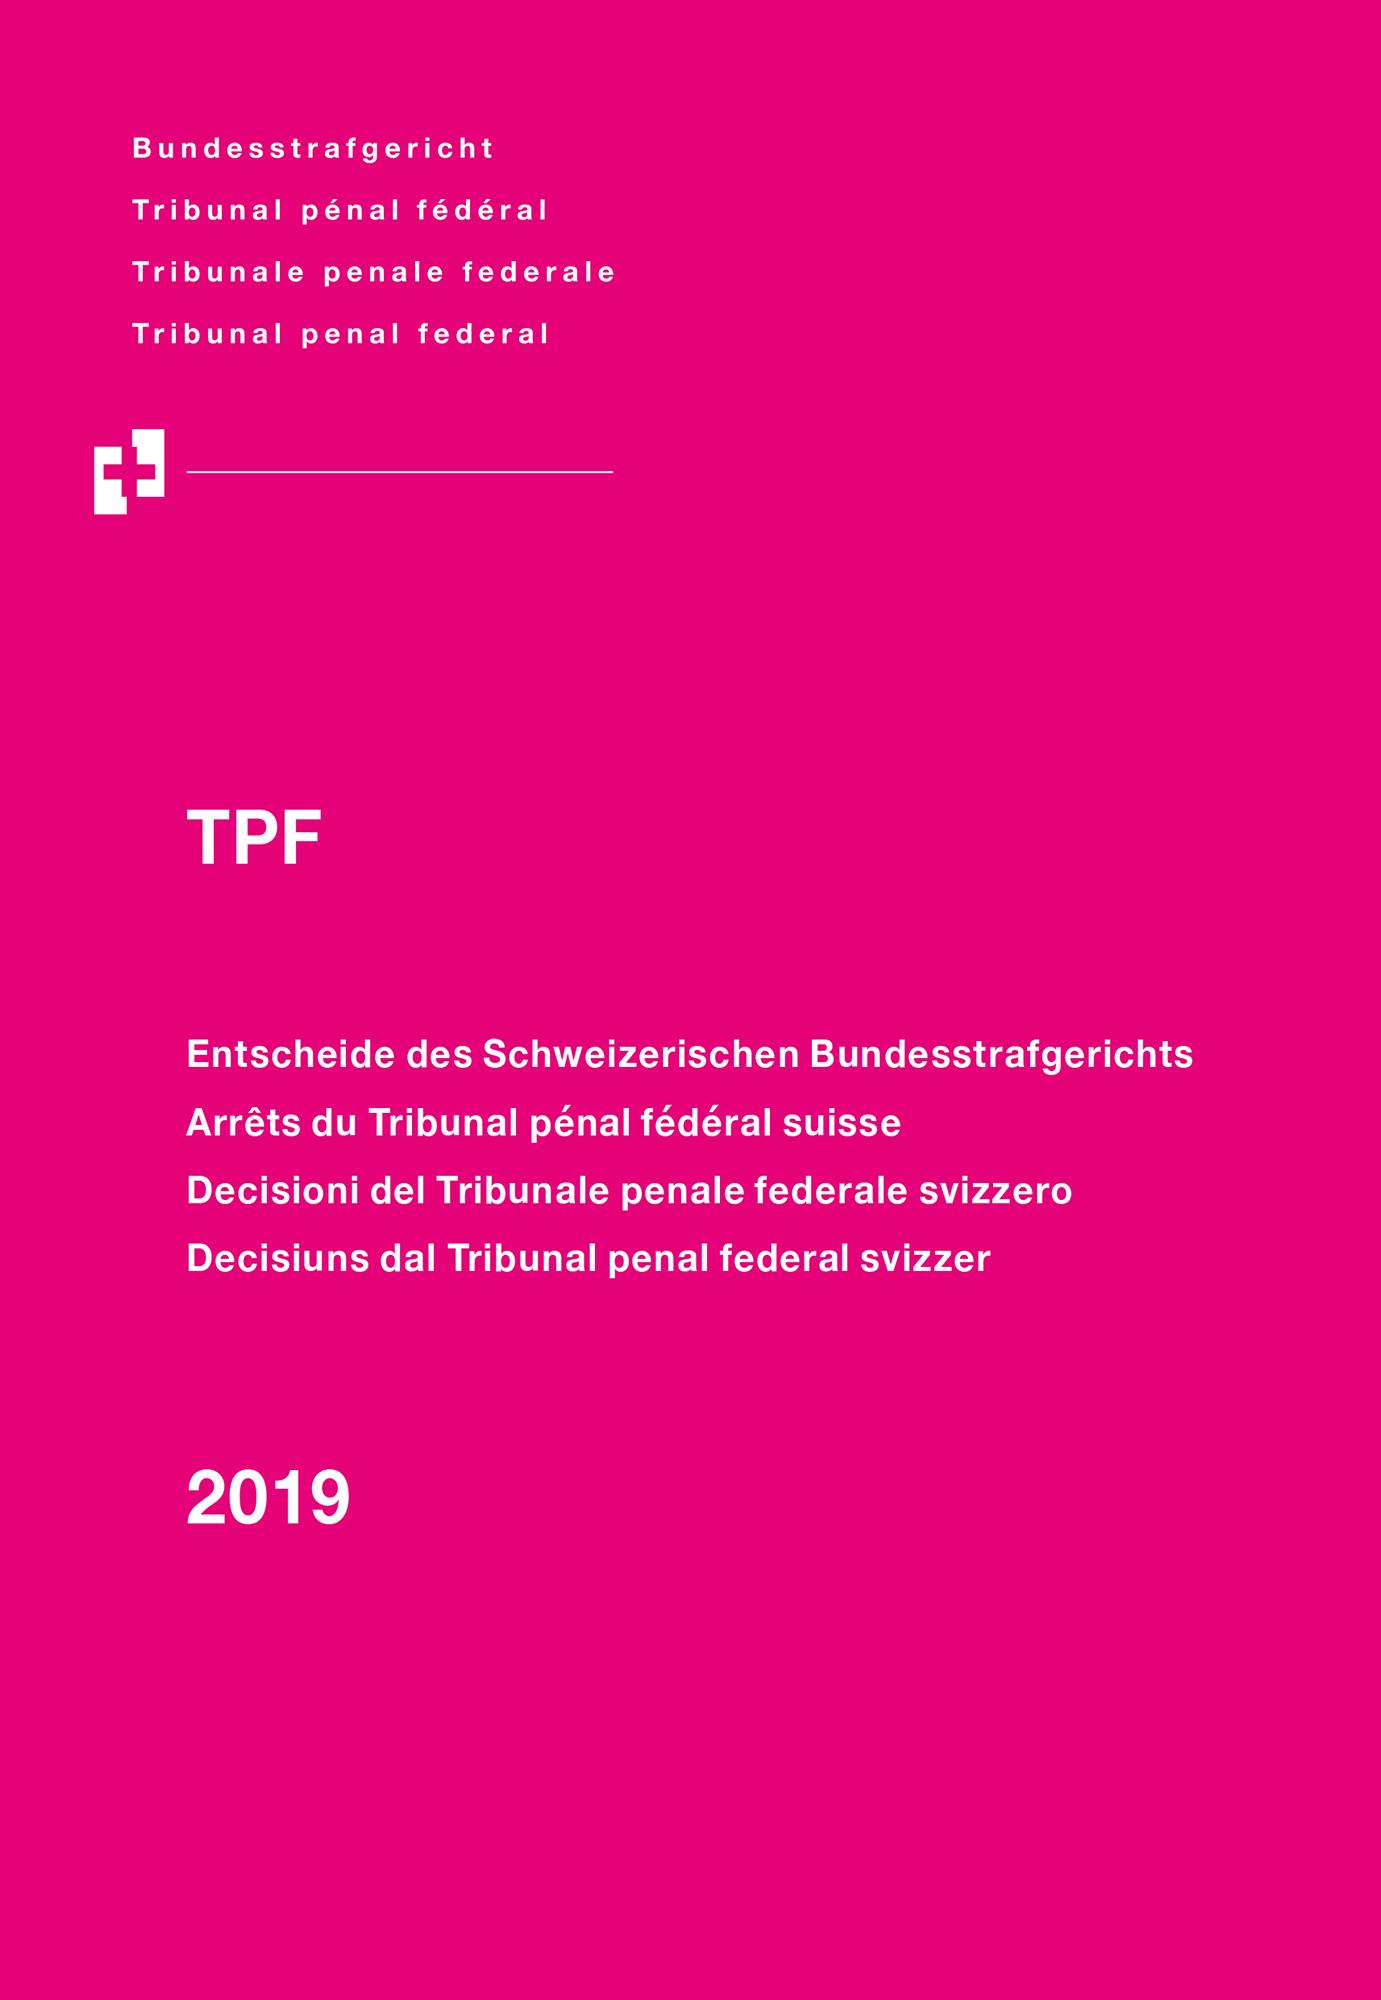 TPF 2019